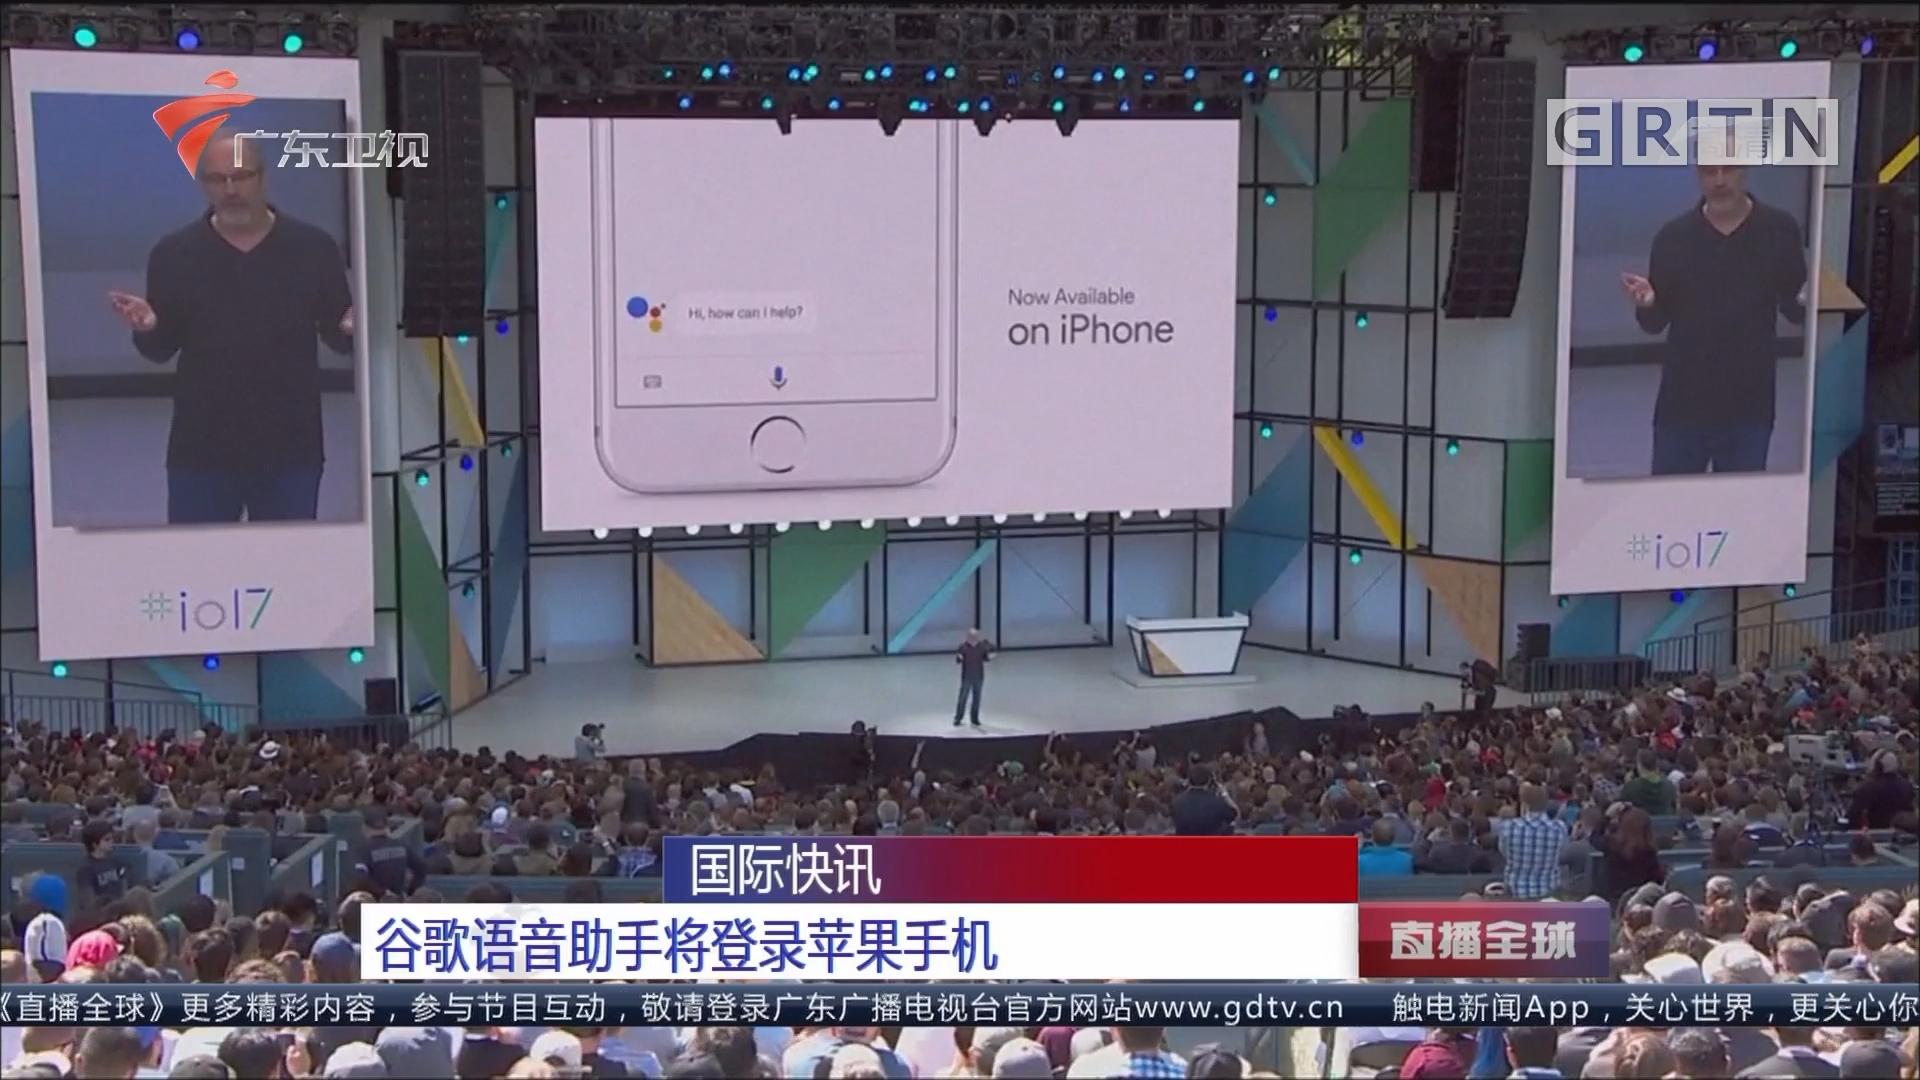 国际快讯:谷歌语音助手将登陆苹果手机